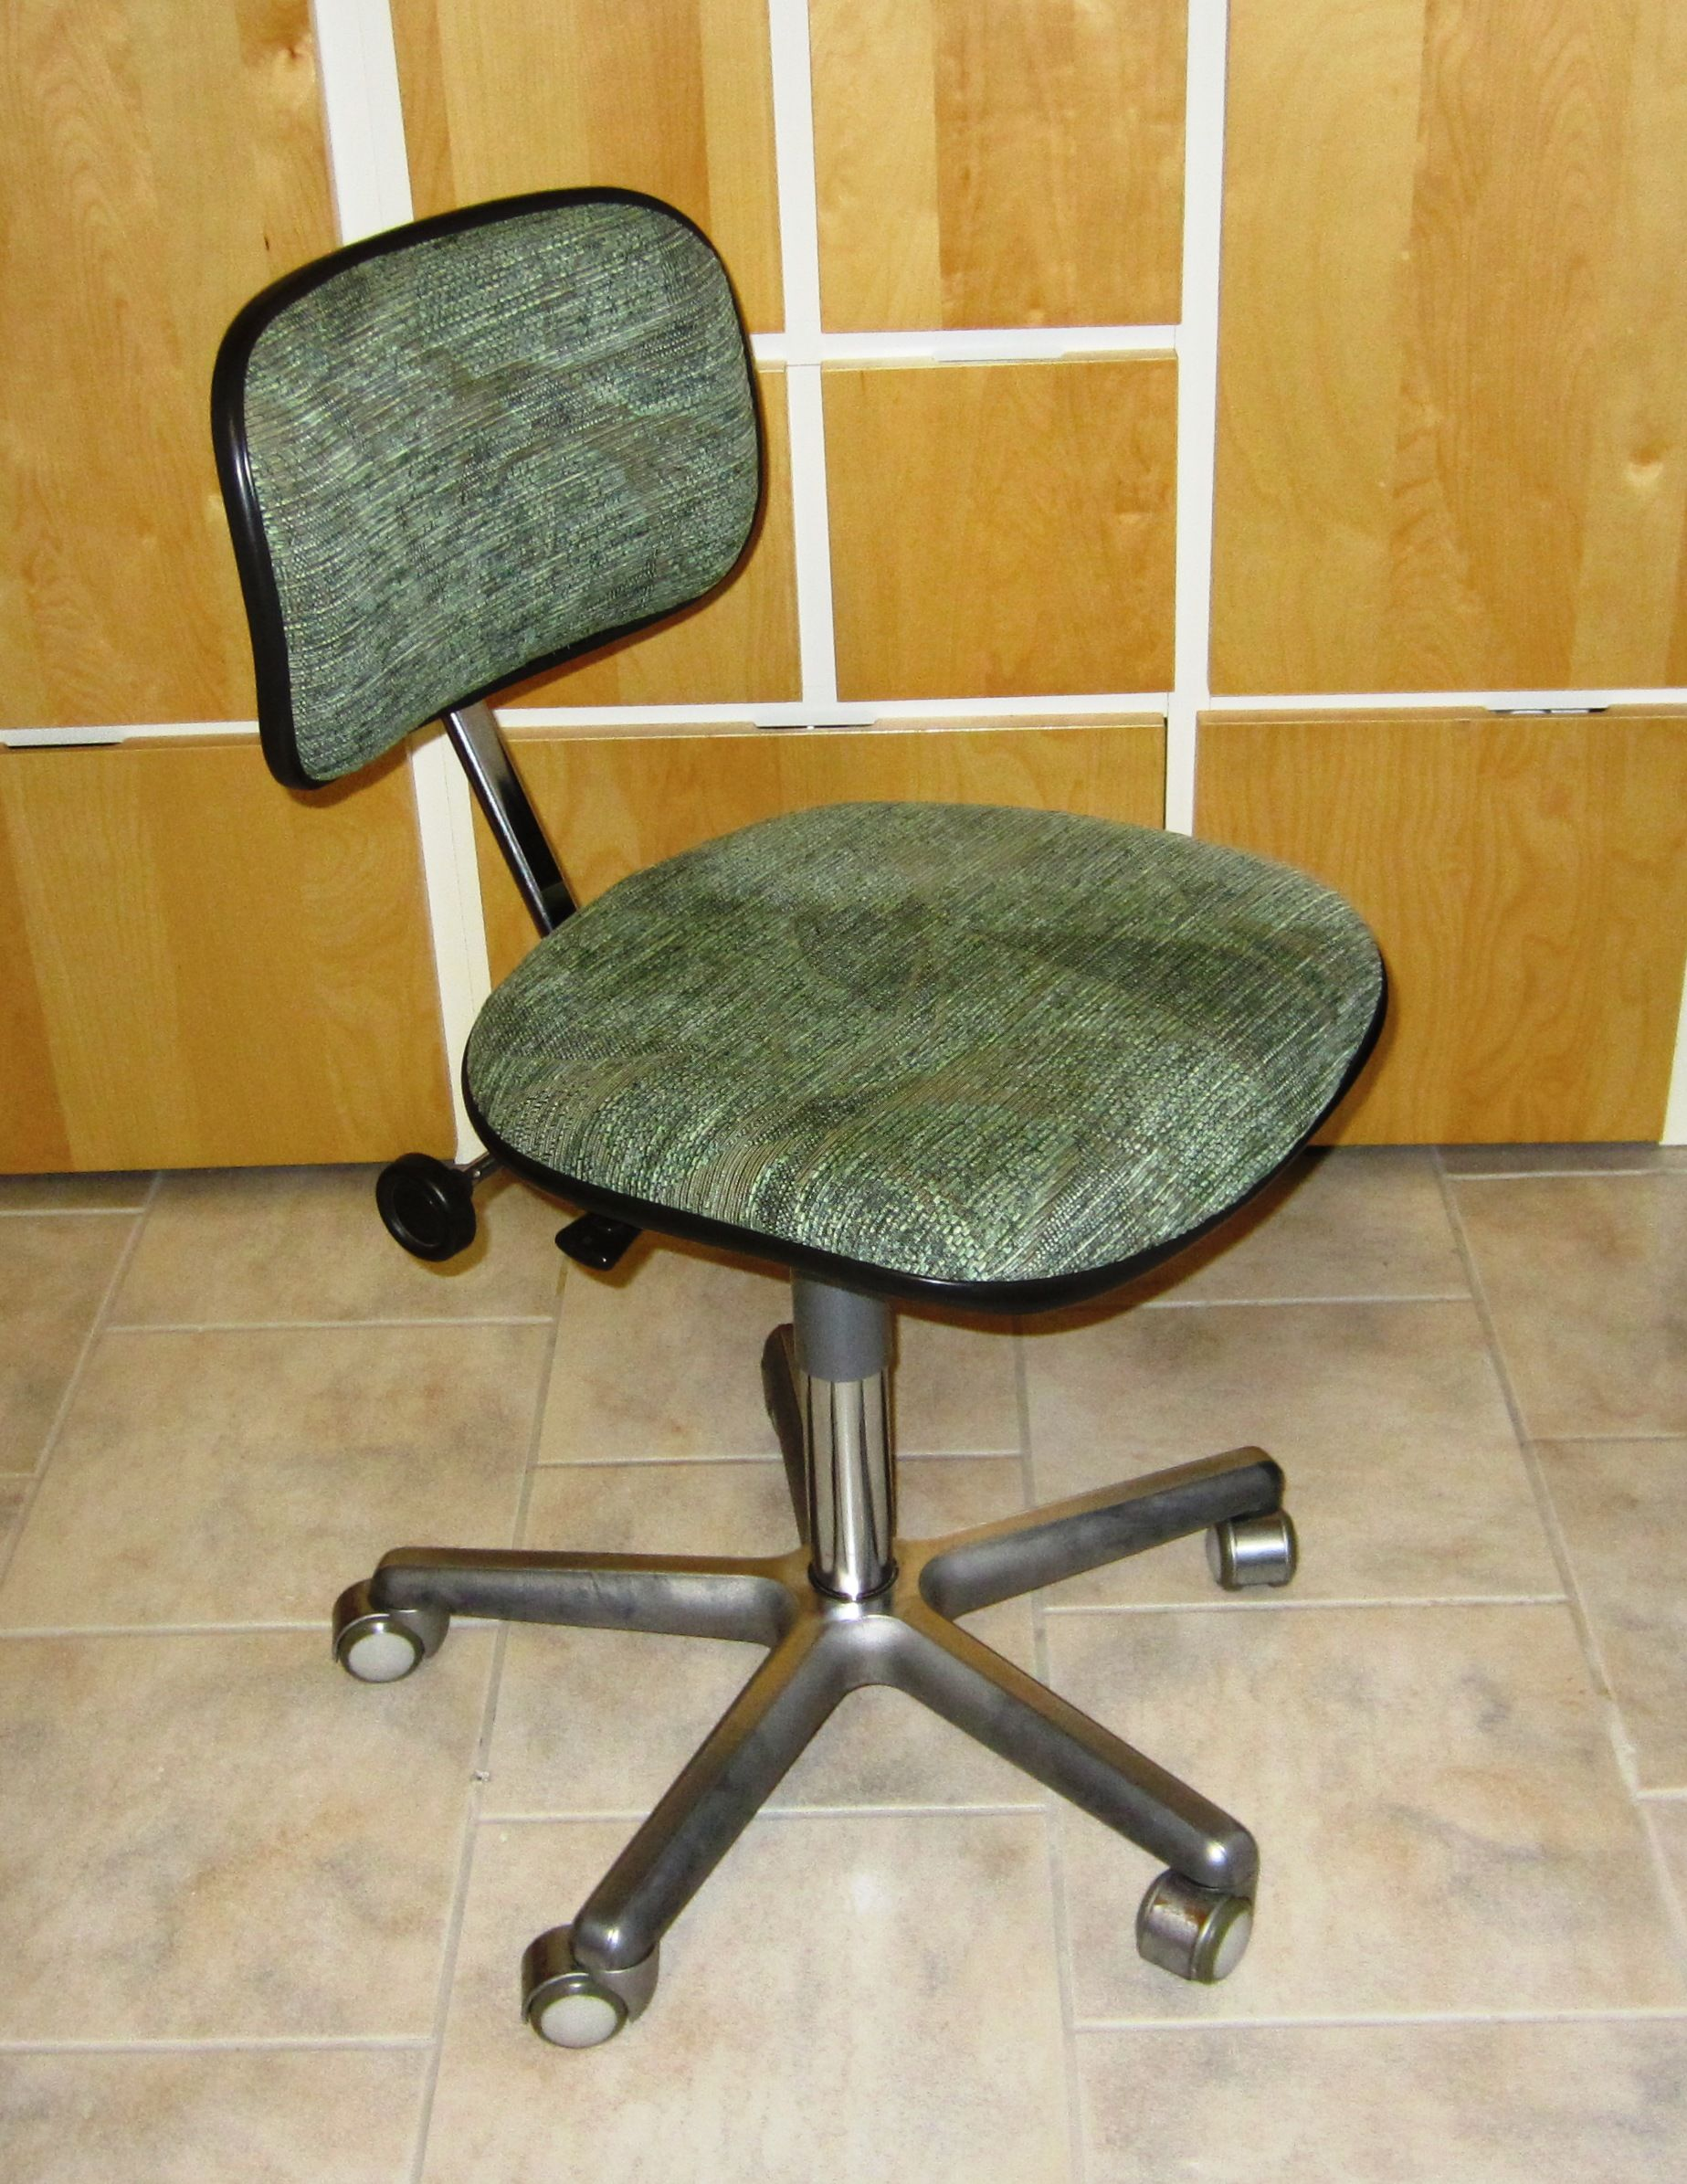 Toinenkin tuoli päällystettiin samalla kankaalla. Kangas maksoi n. 10€.